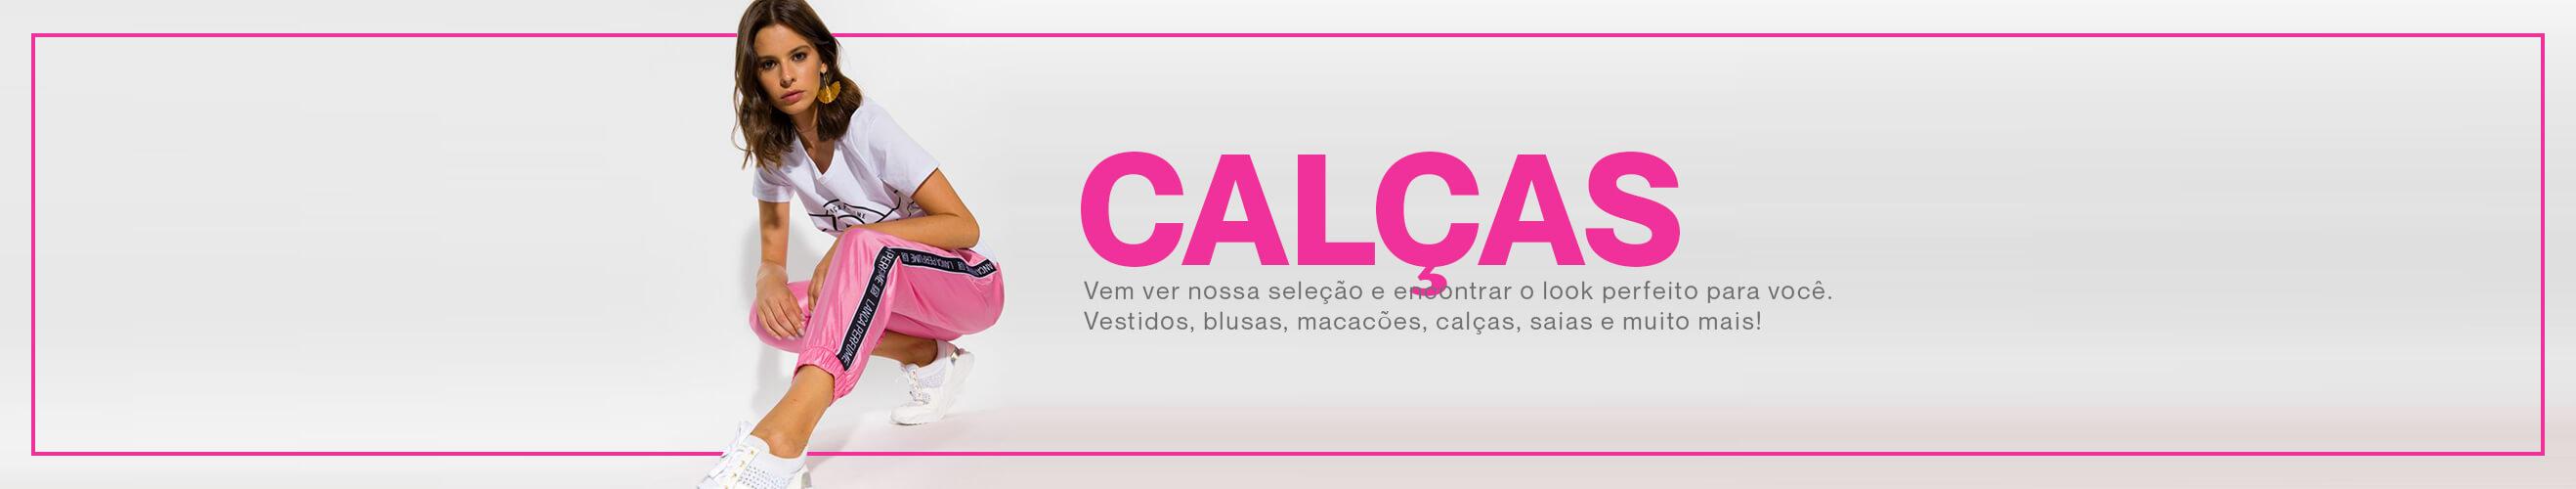 Banner Desktop - Calças